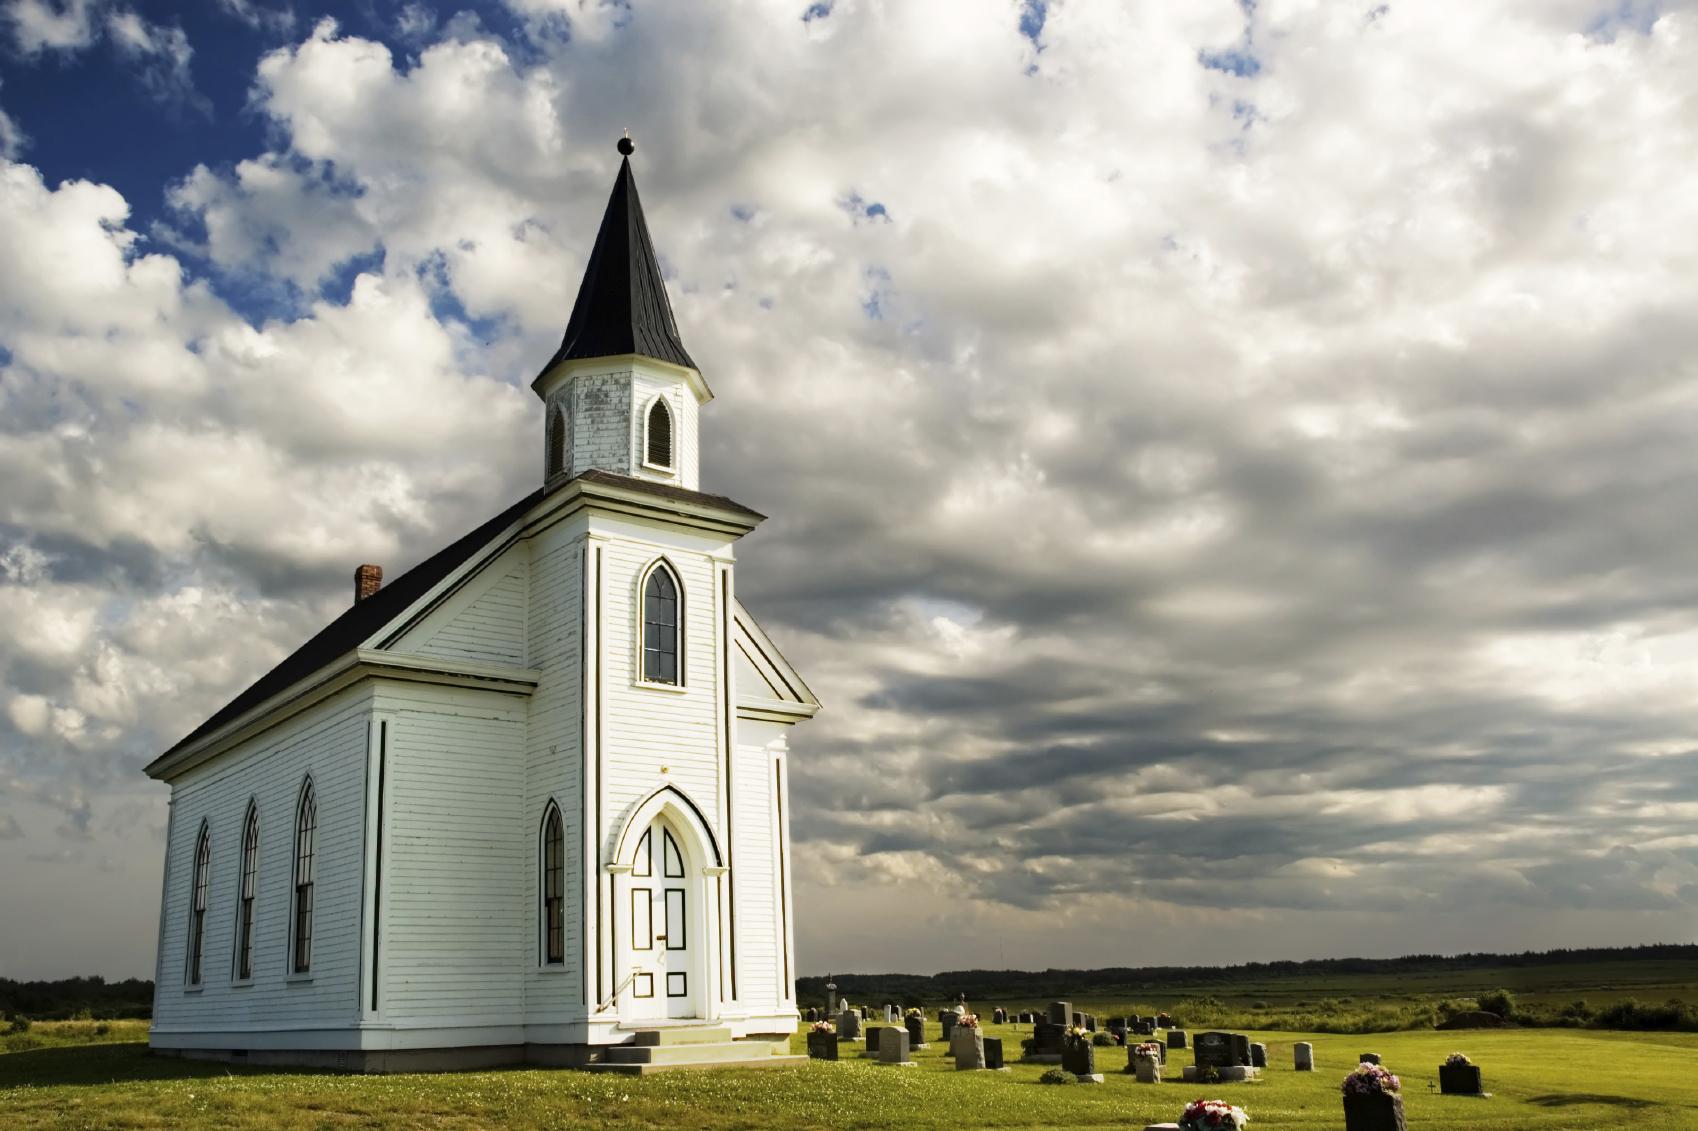 The journey of church revitalization - Faith Radio Faith Radio